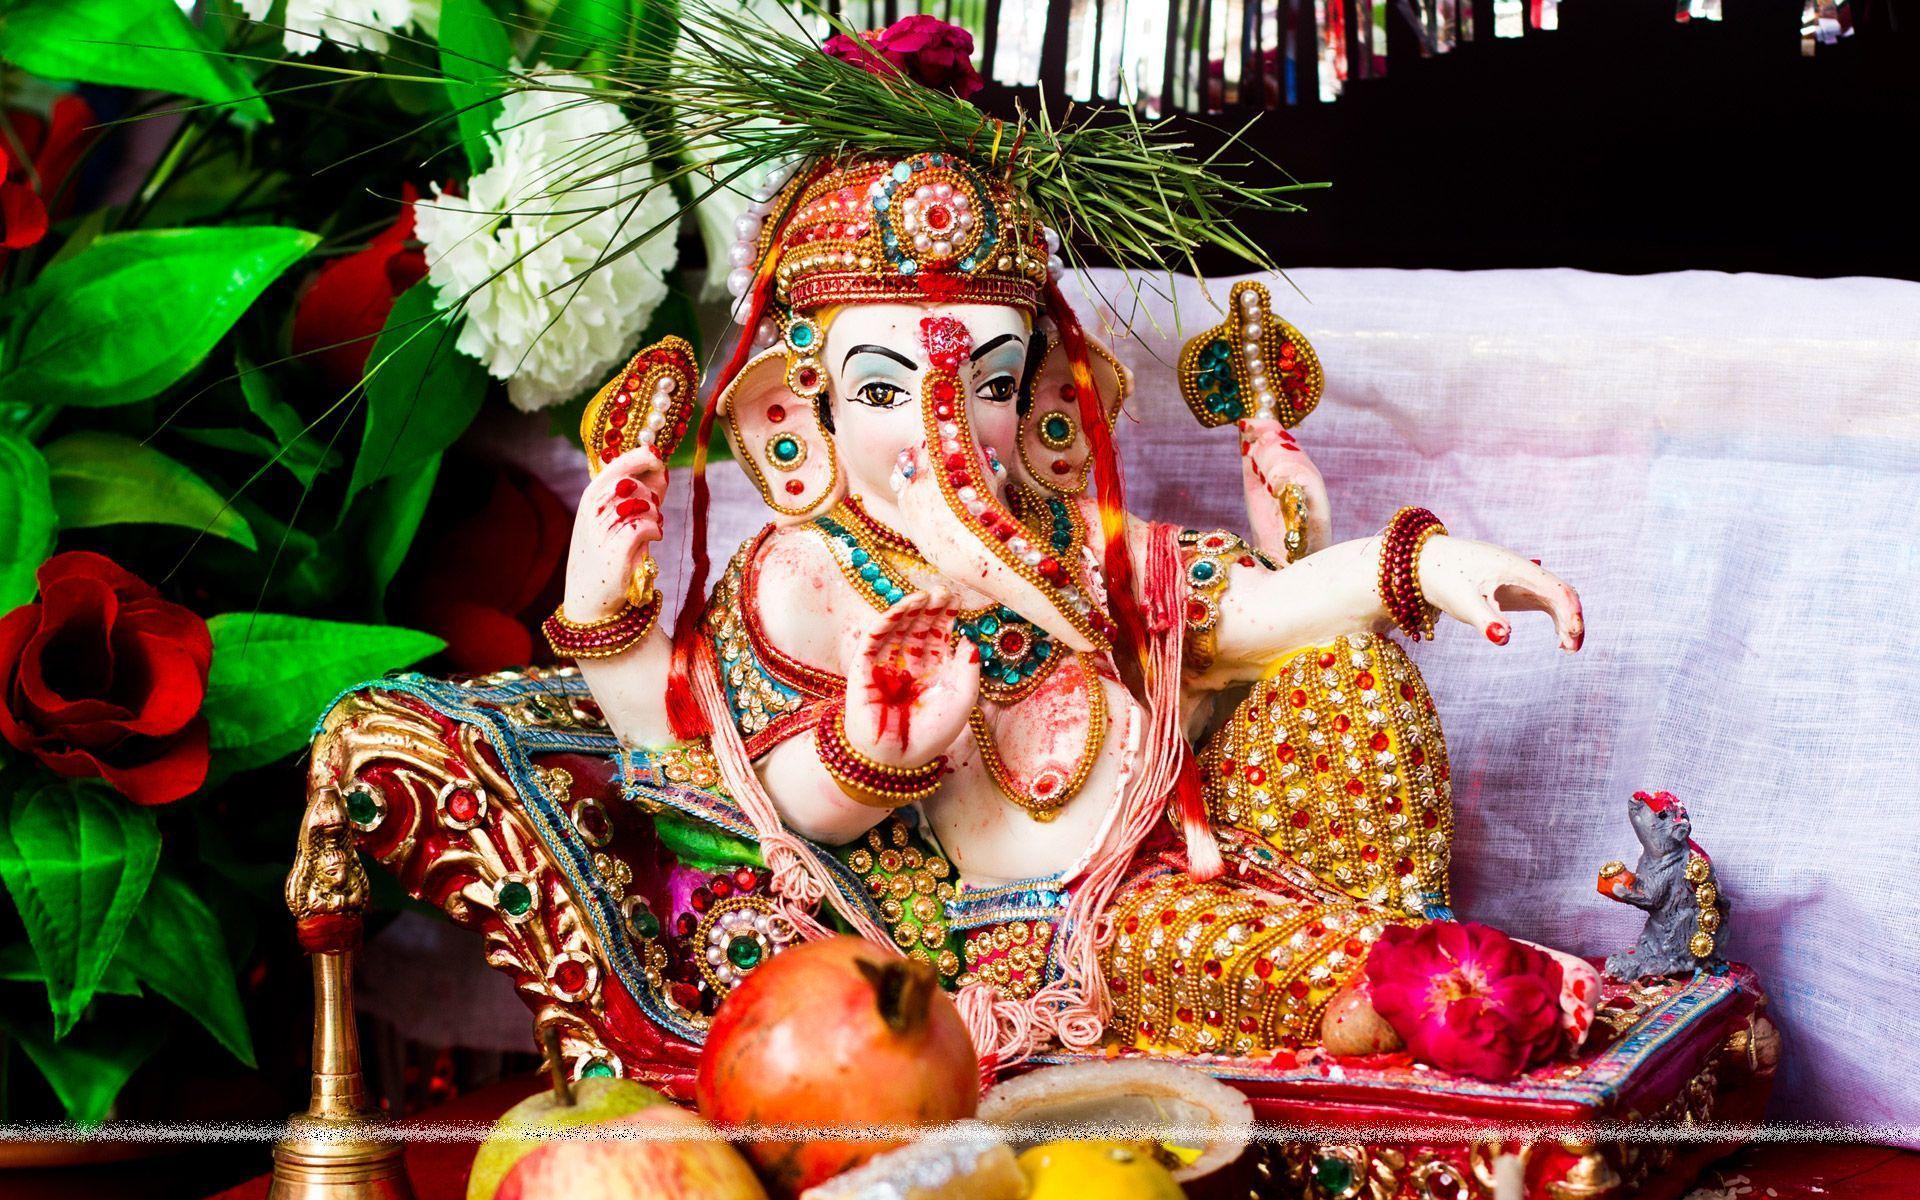 1920x1200 Hình ảnh Vinayagar Các loại khác nhau.  Các vị thần và nữ thần của đạo Hindu